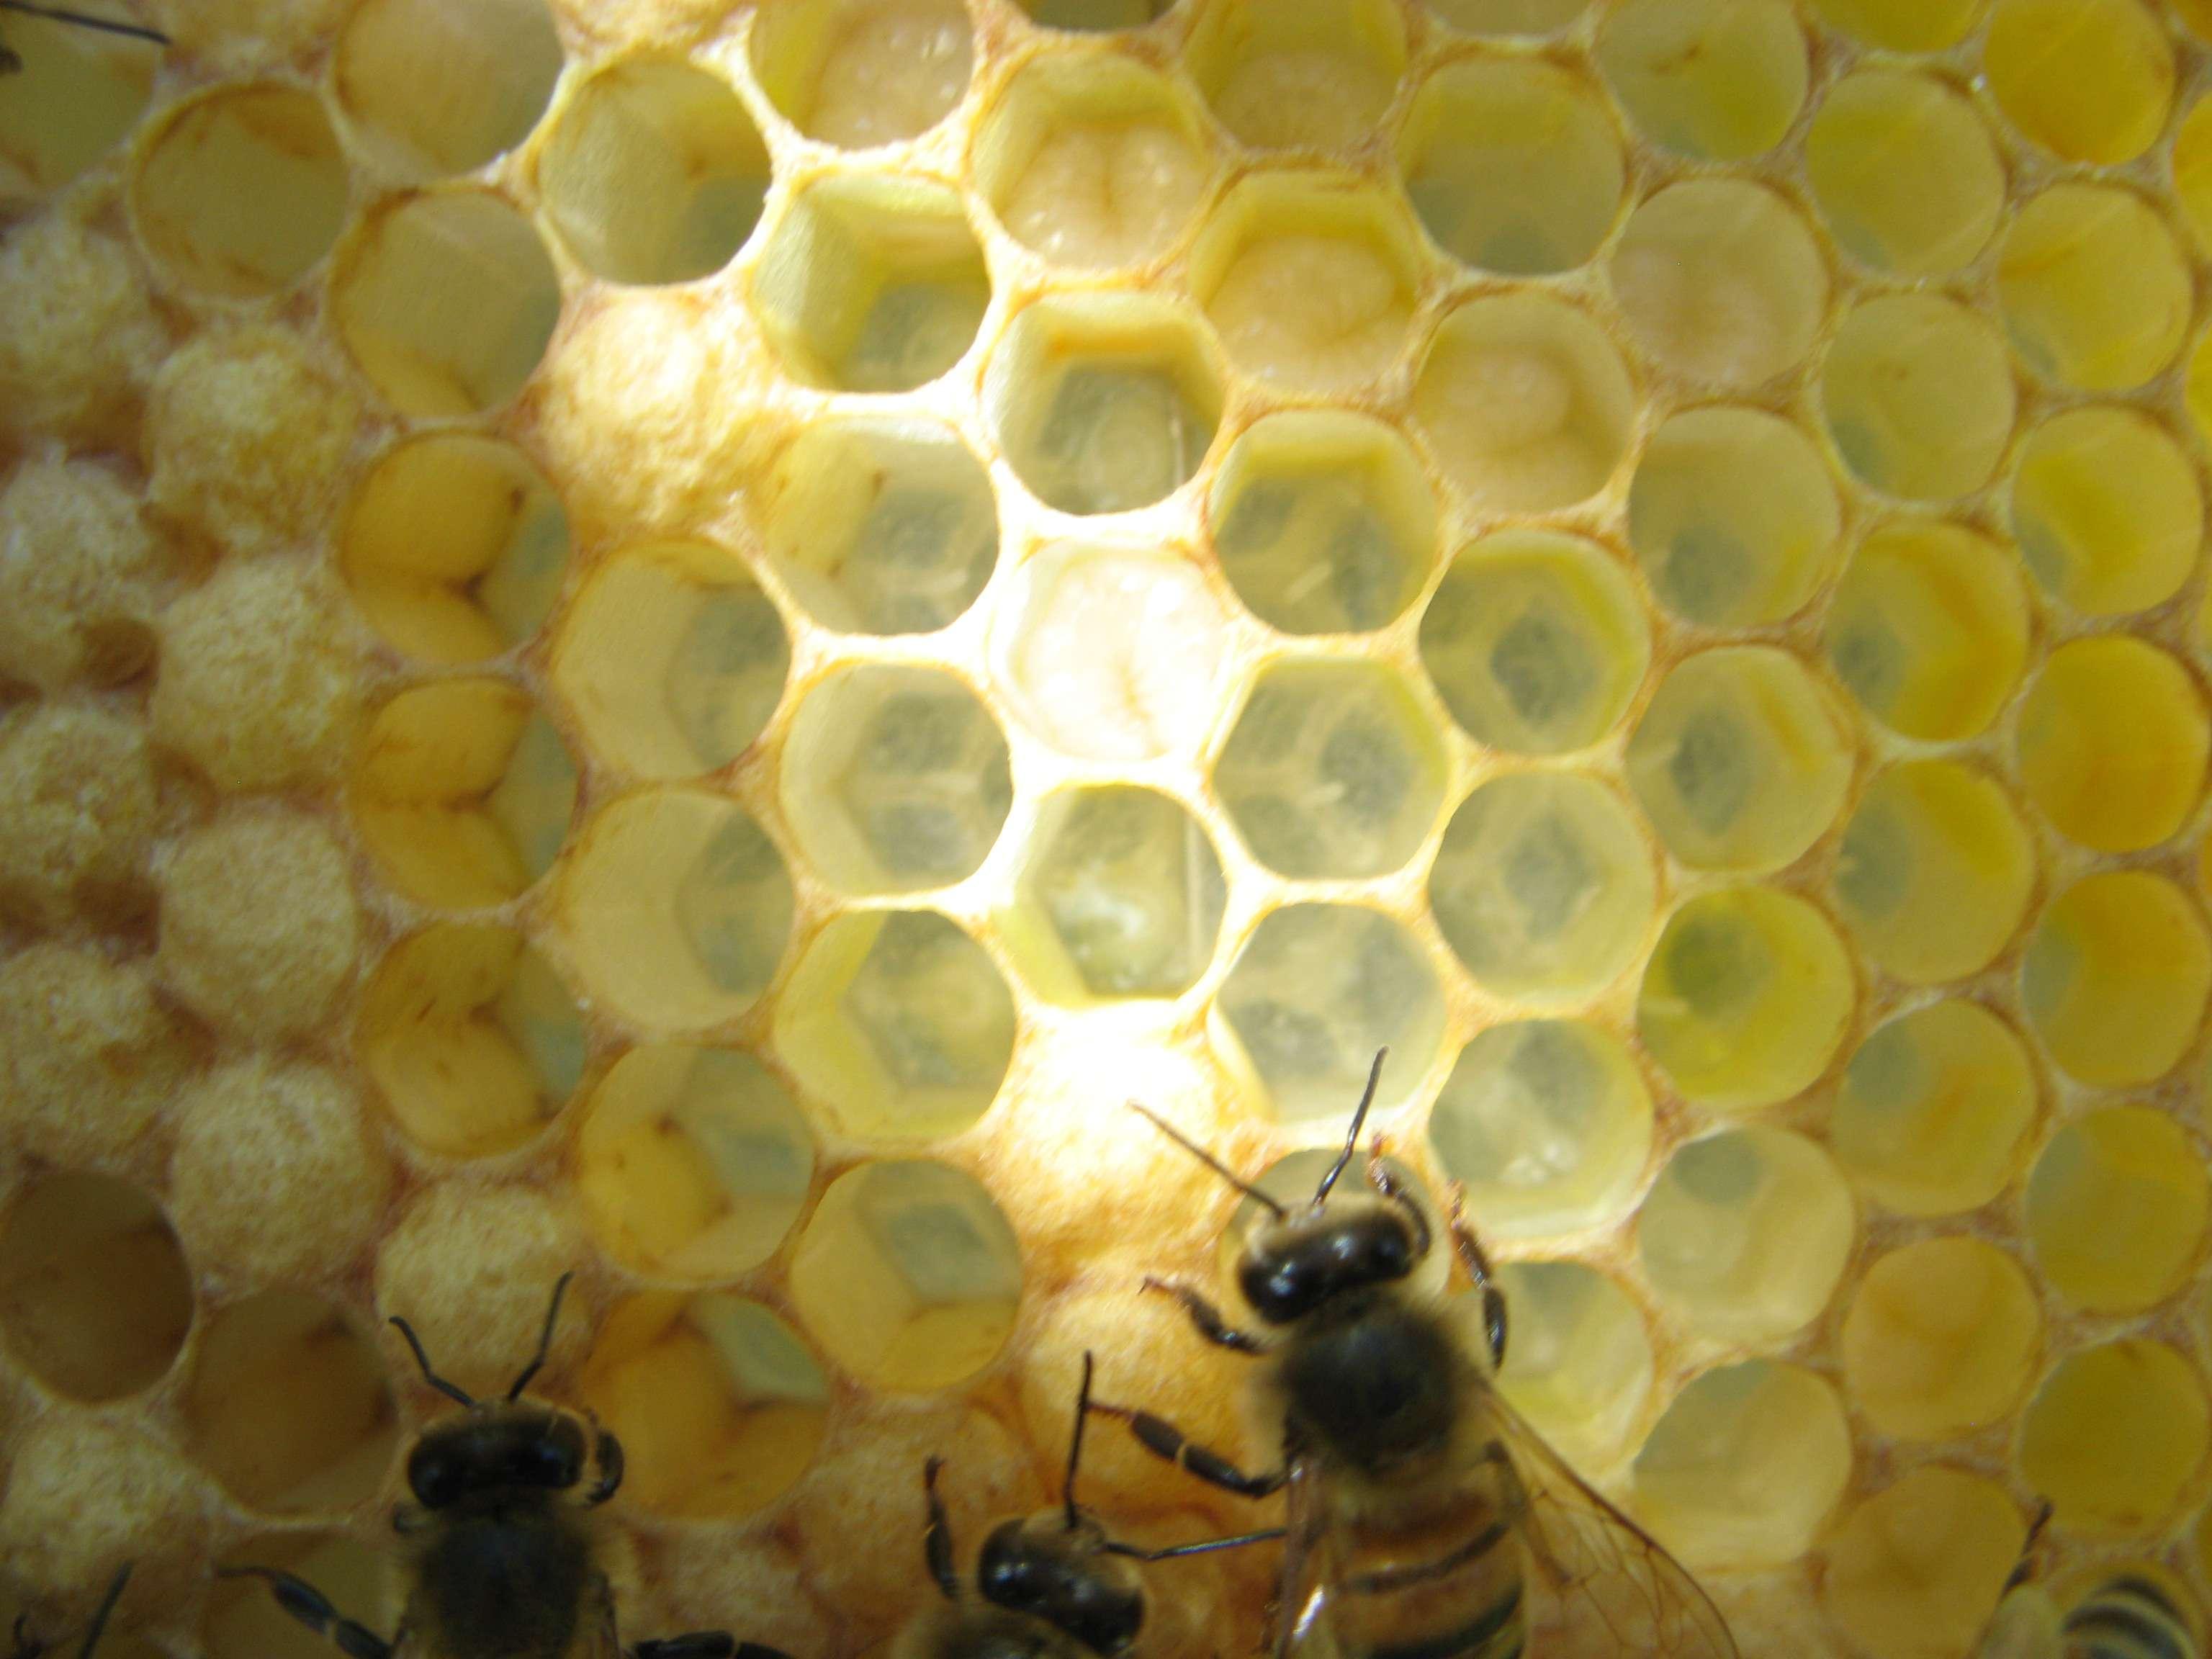 Honey Bee Queen Drone Worker